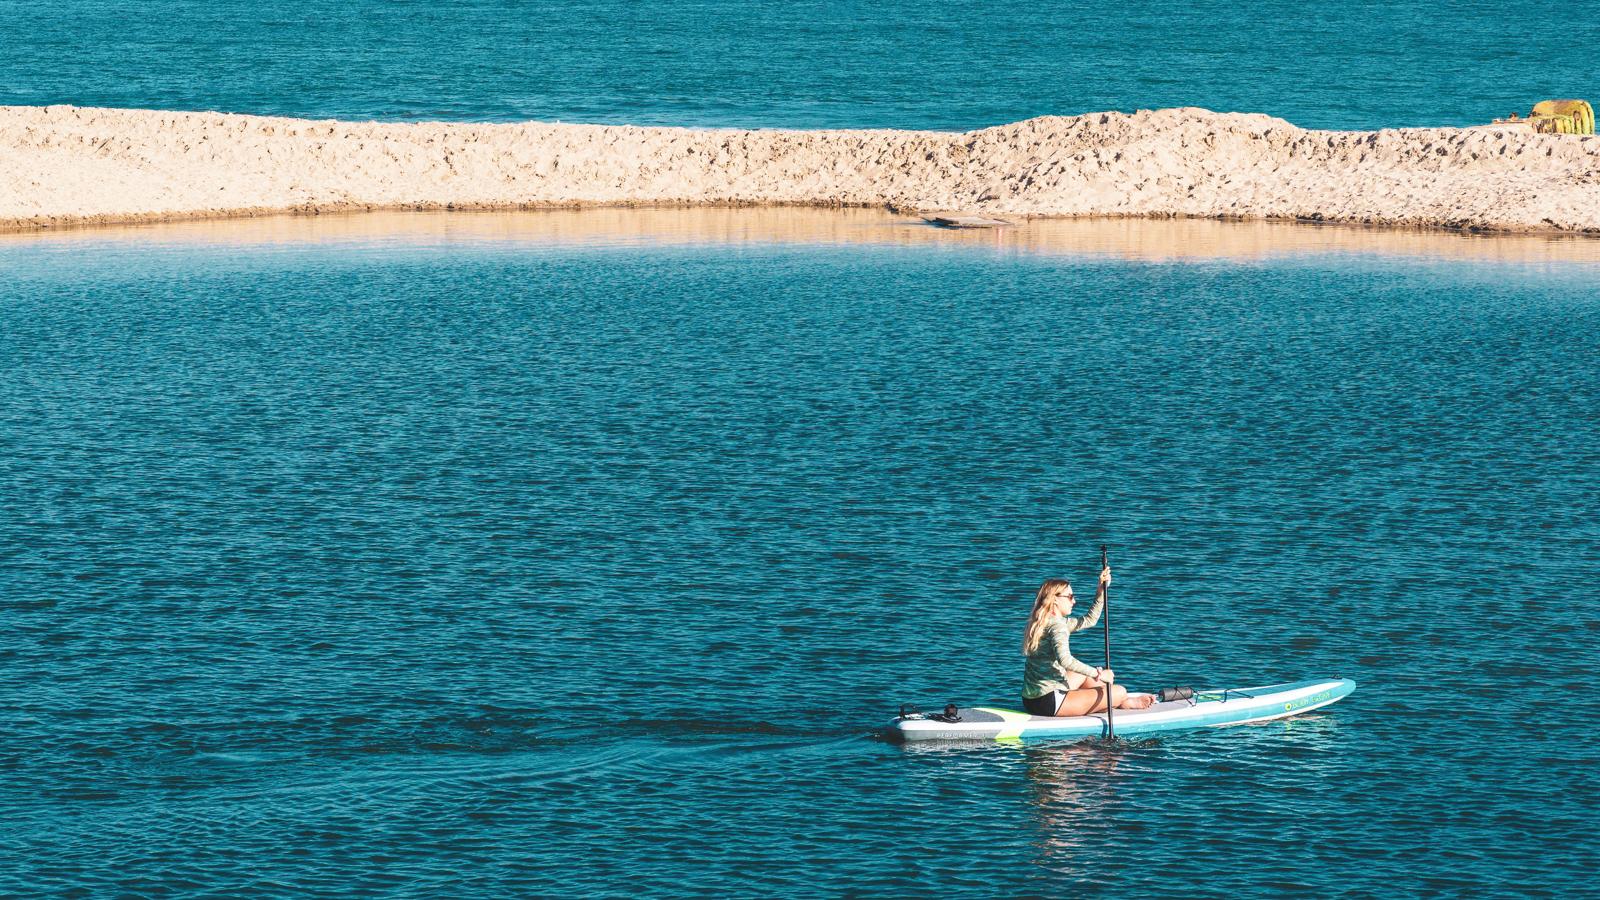 Paddle activite nautique a tester en France l'ete